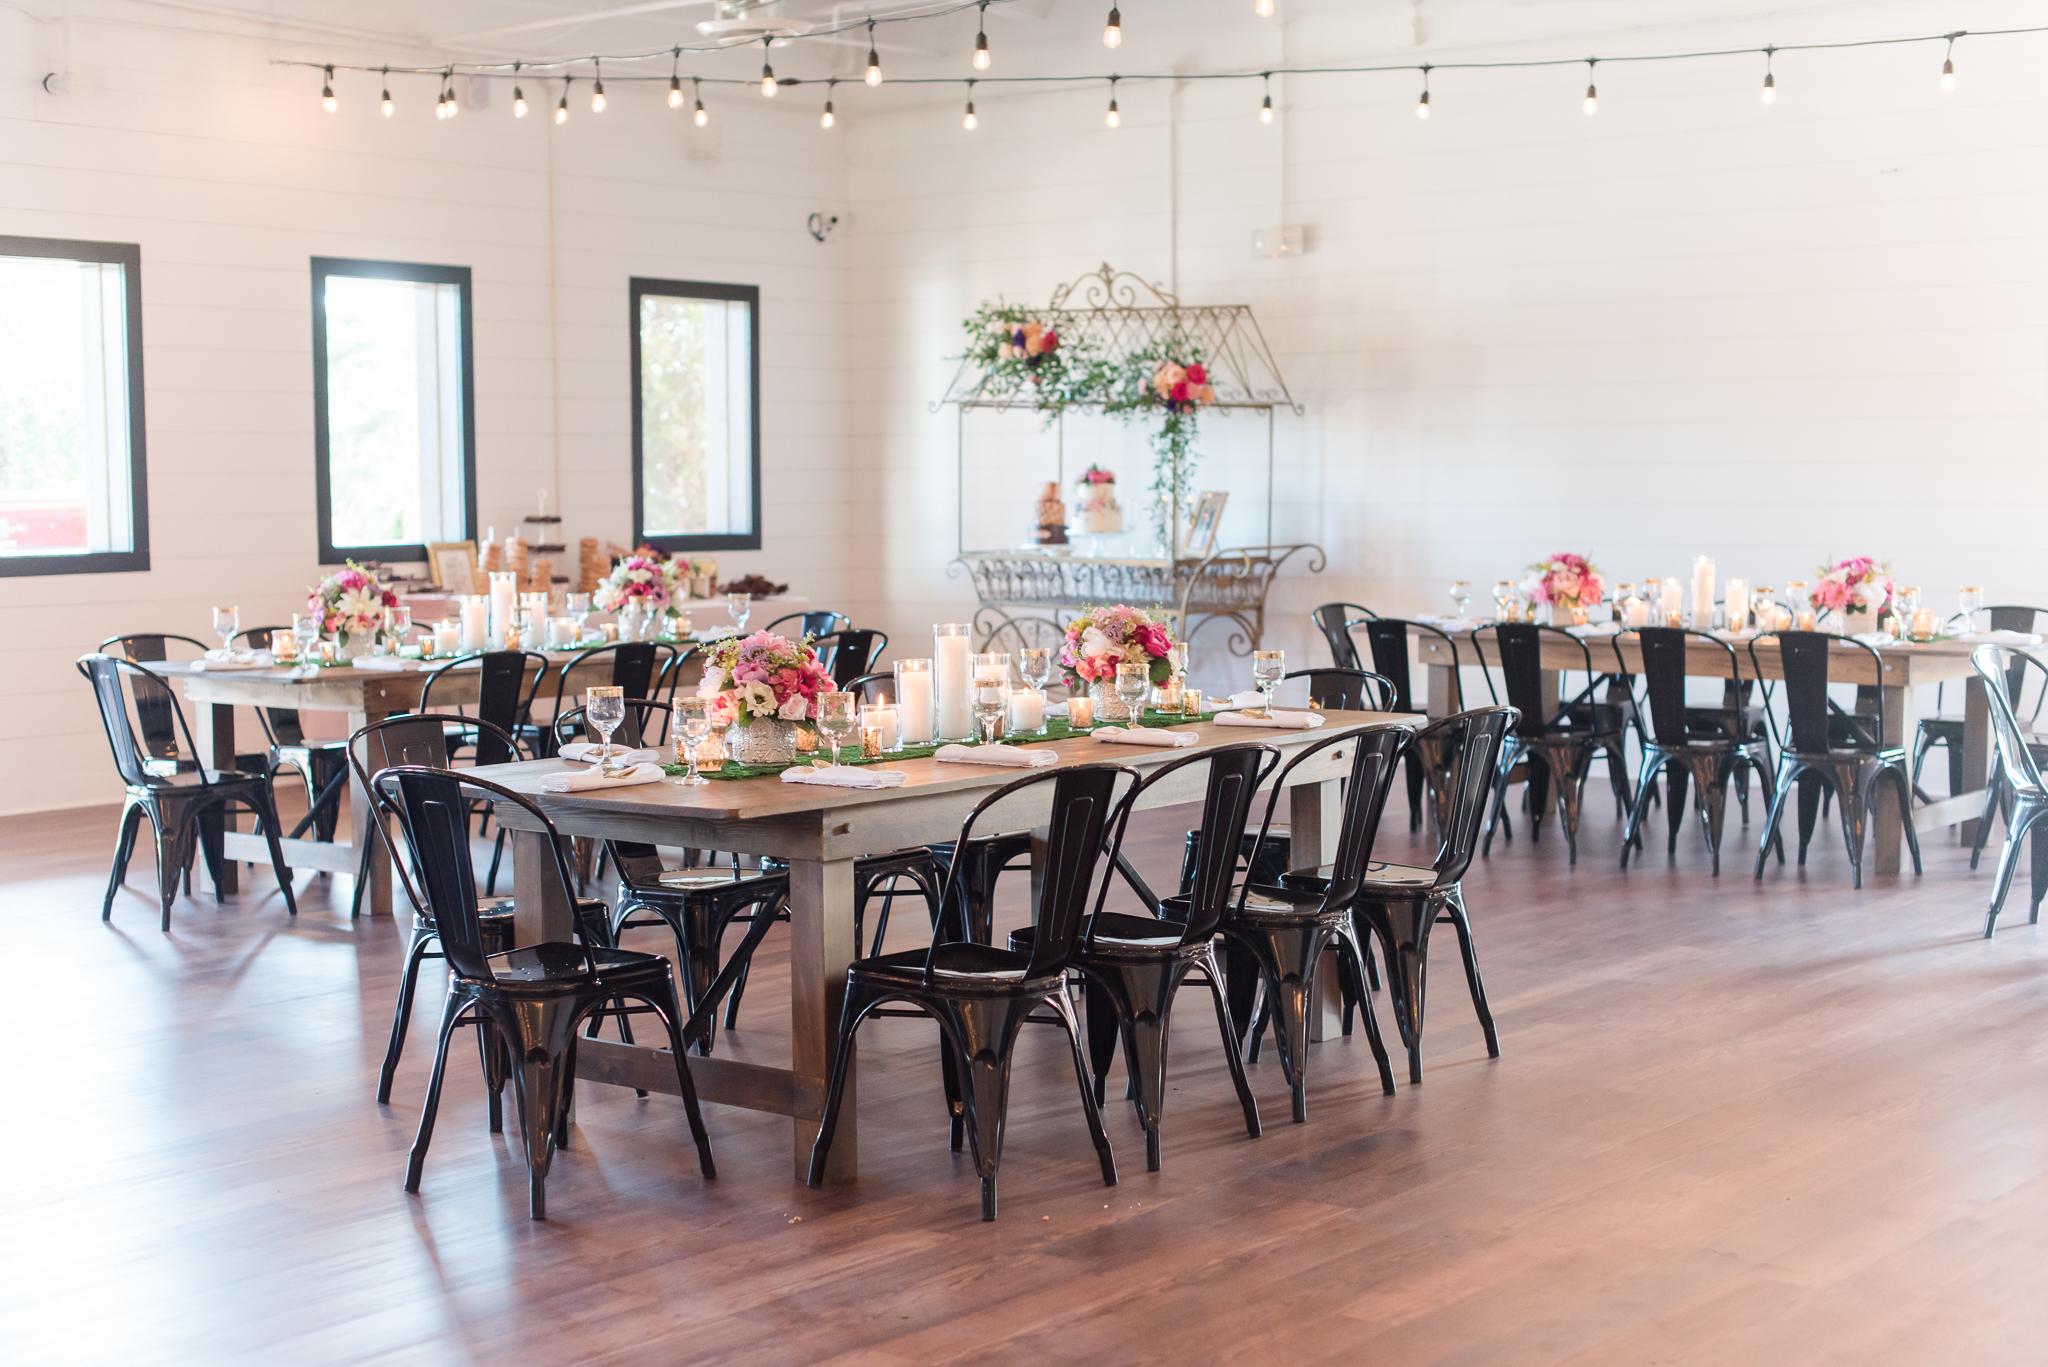 Wedding Reception at Bash in Carmel Indiana7878.jpg